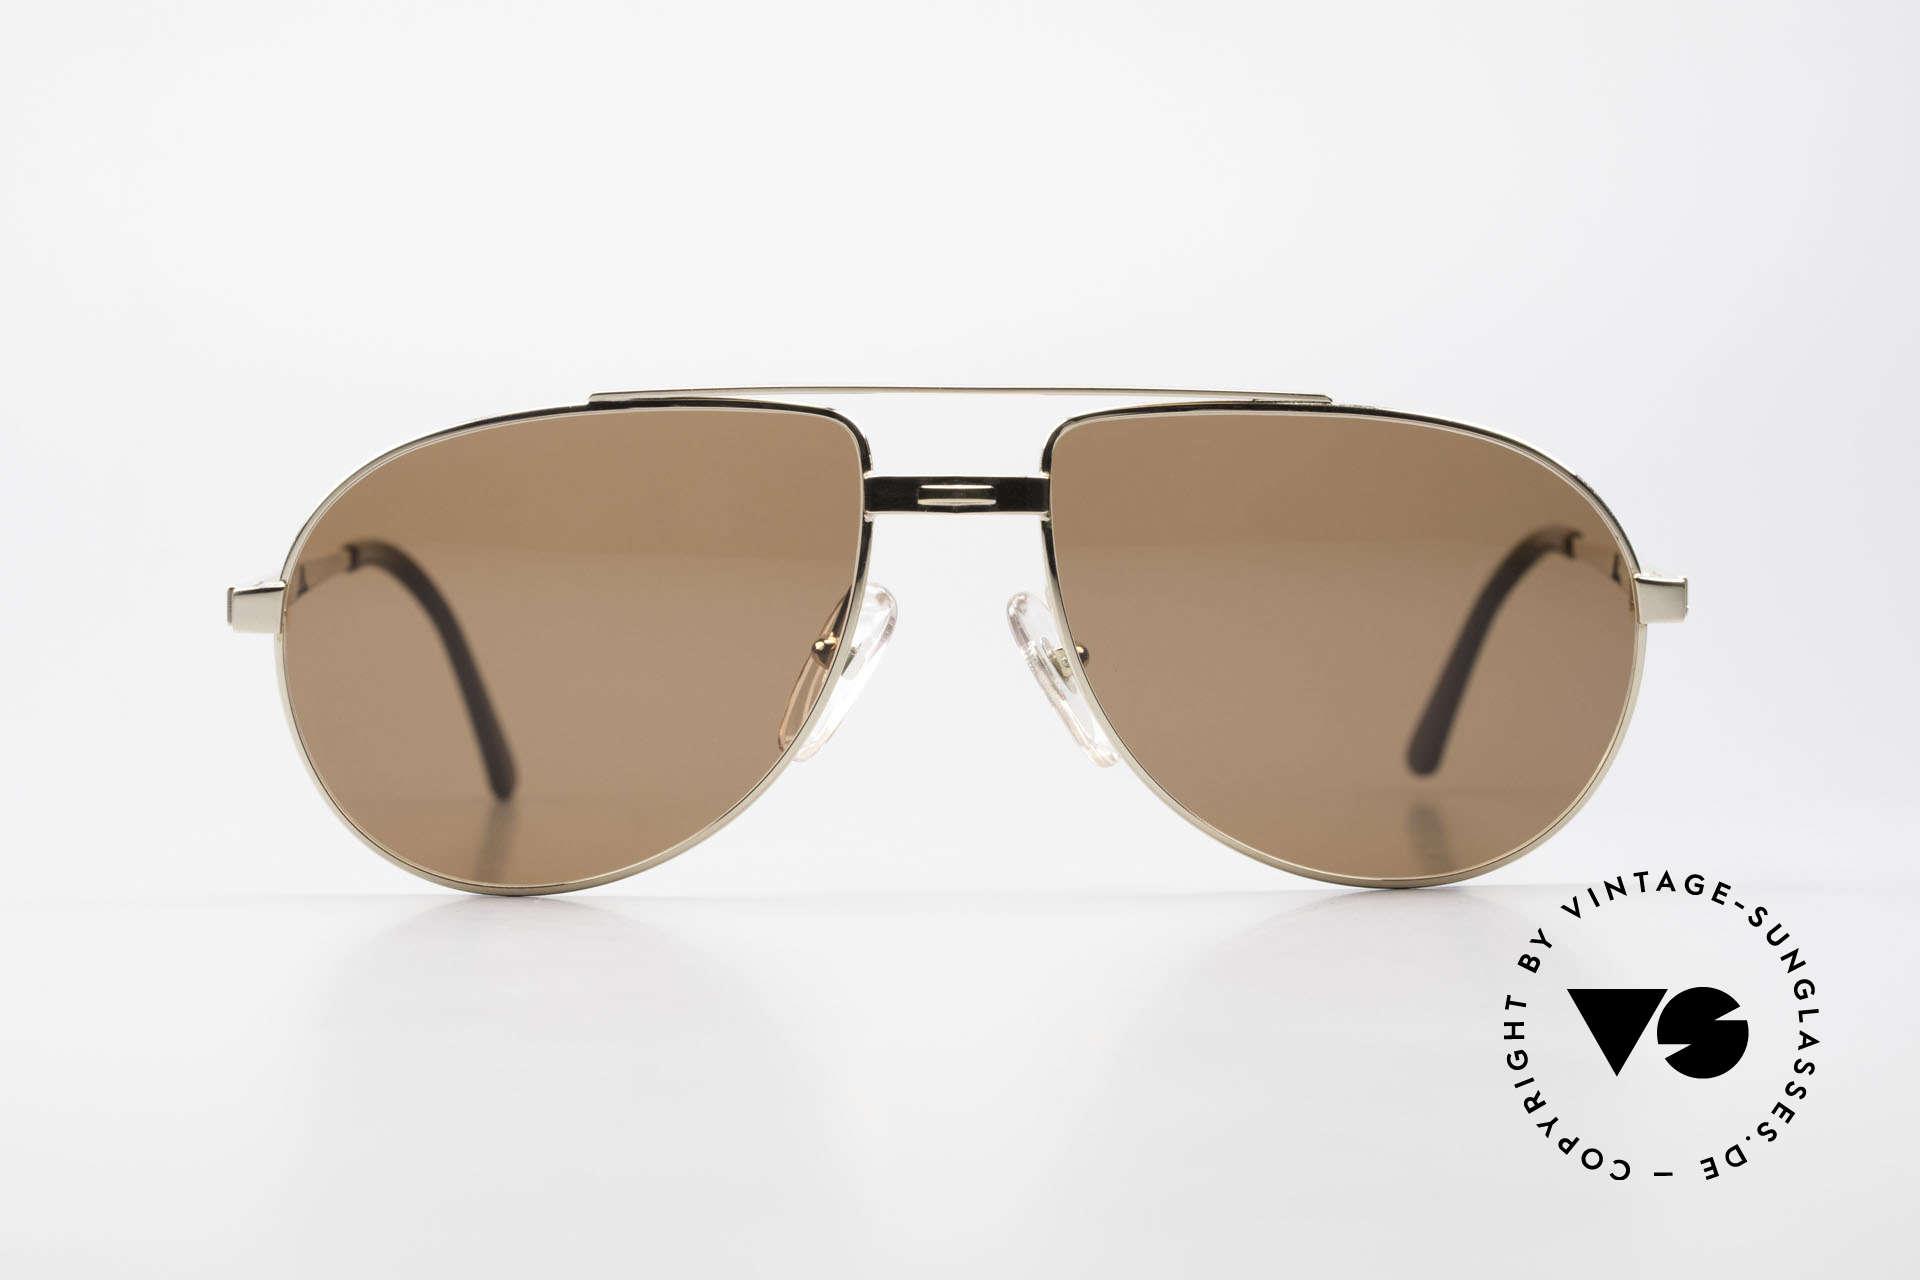 Dunhill 6147 90er Luxus Aviator Herrenbrille, sehr elegante 90er Dunhill Aviator-Herren-Sonnenbrille, Passend für Herren